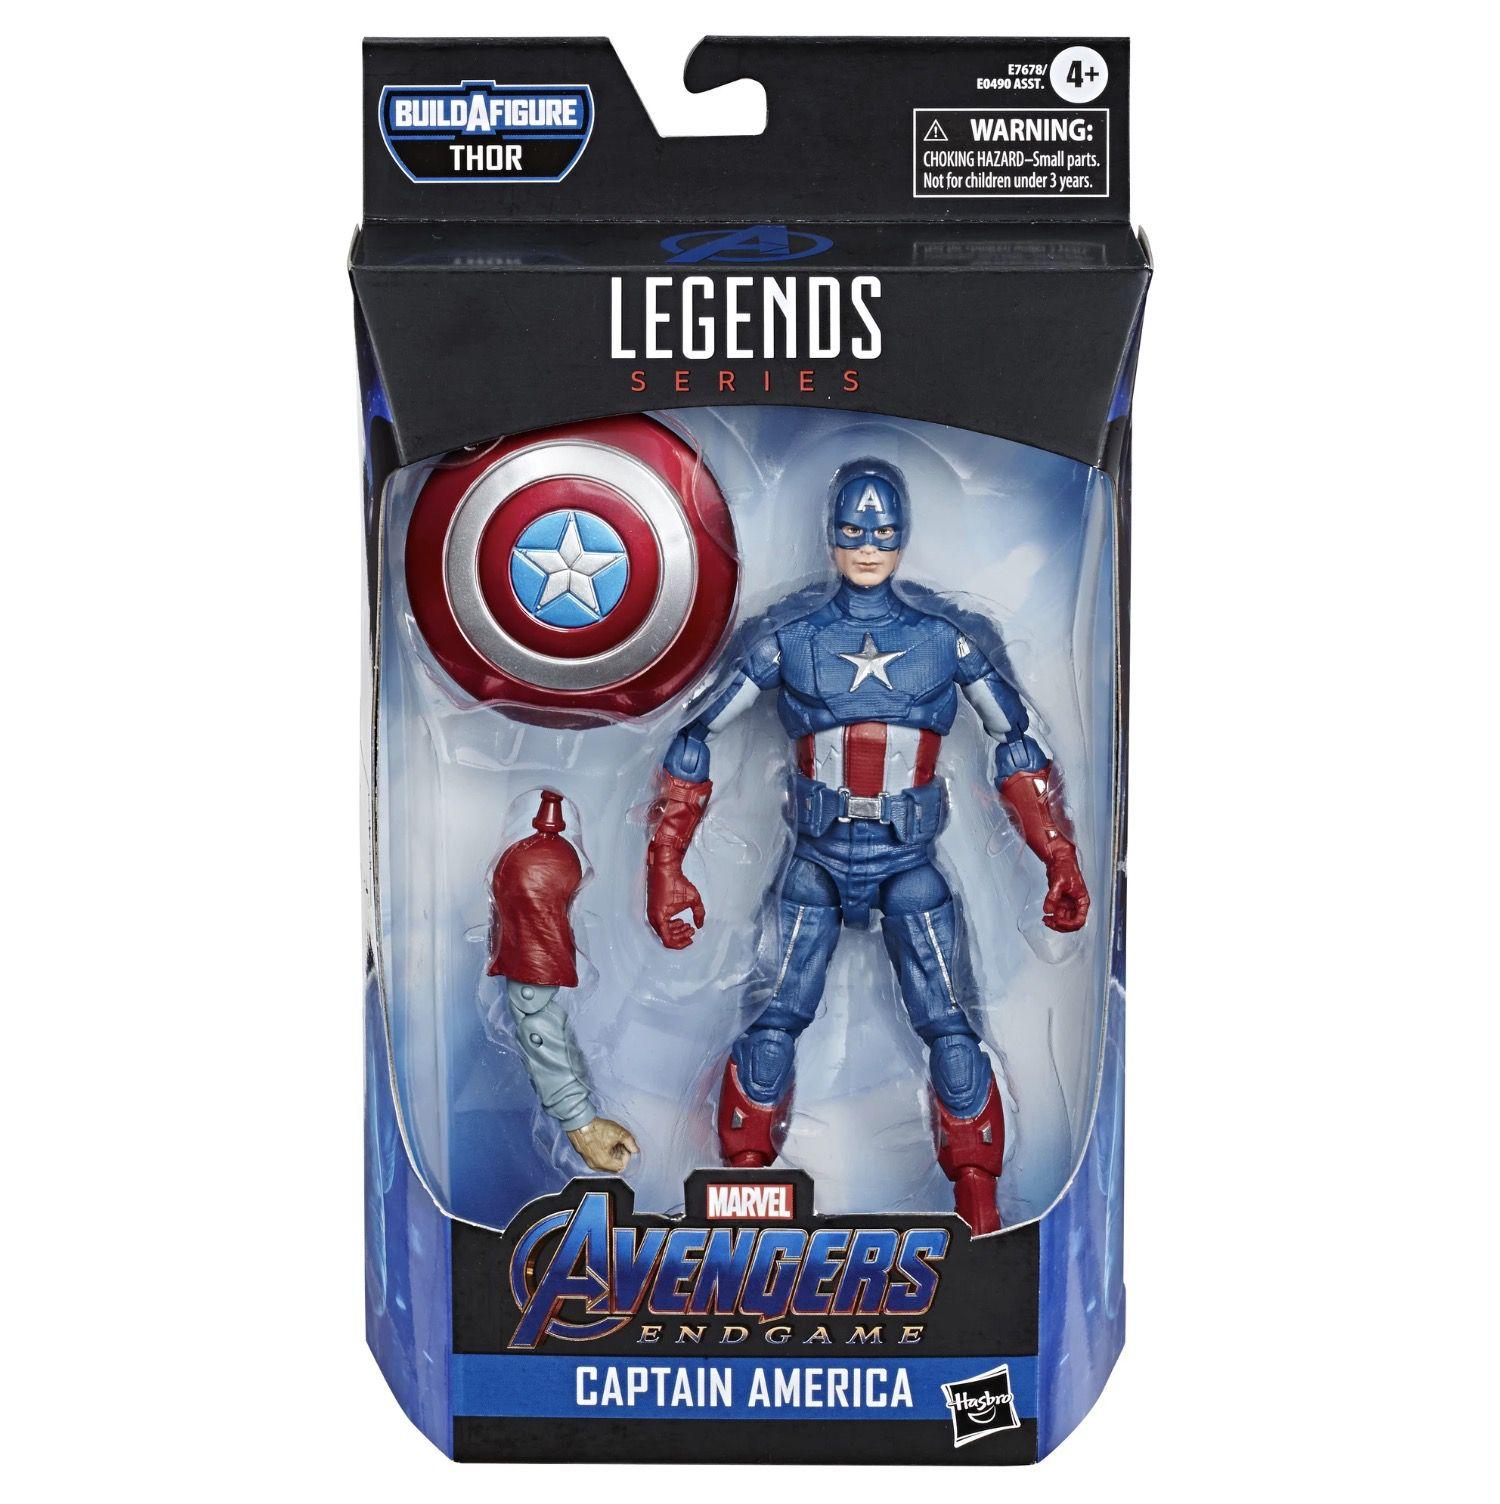 Marvel Legends Series Avengers: Endgame Captain America